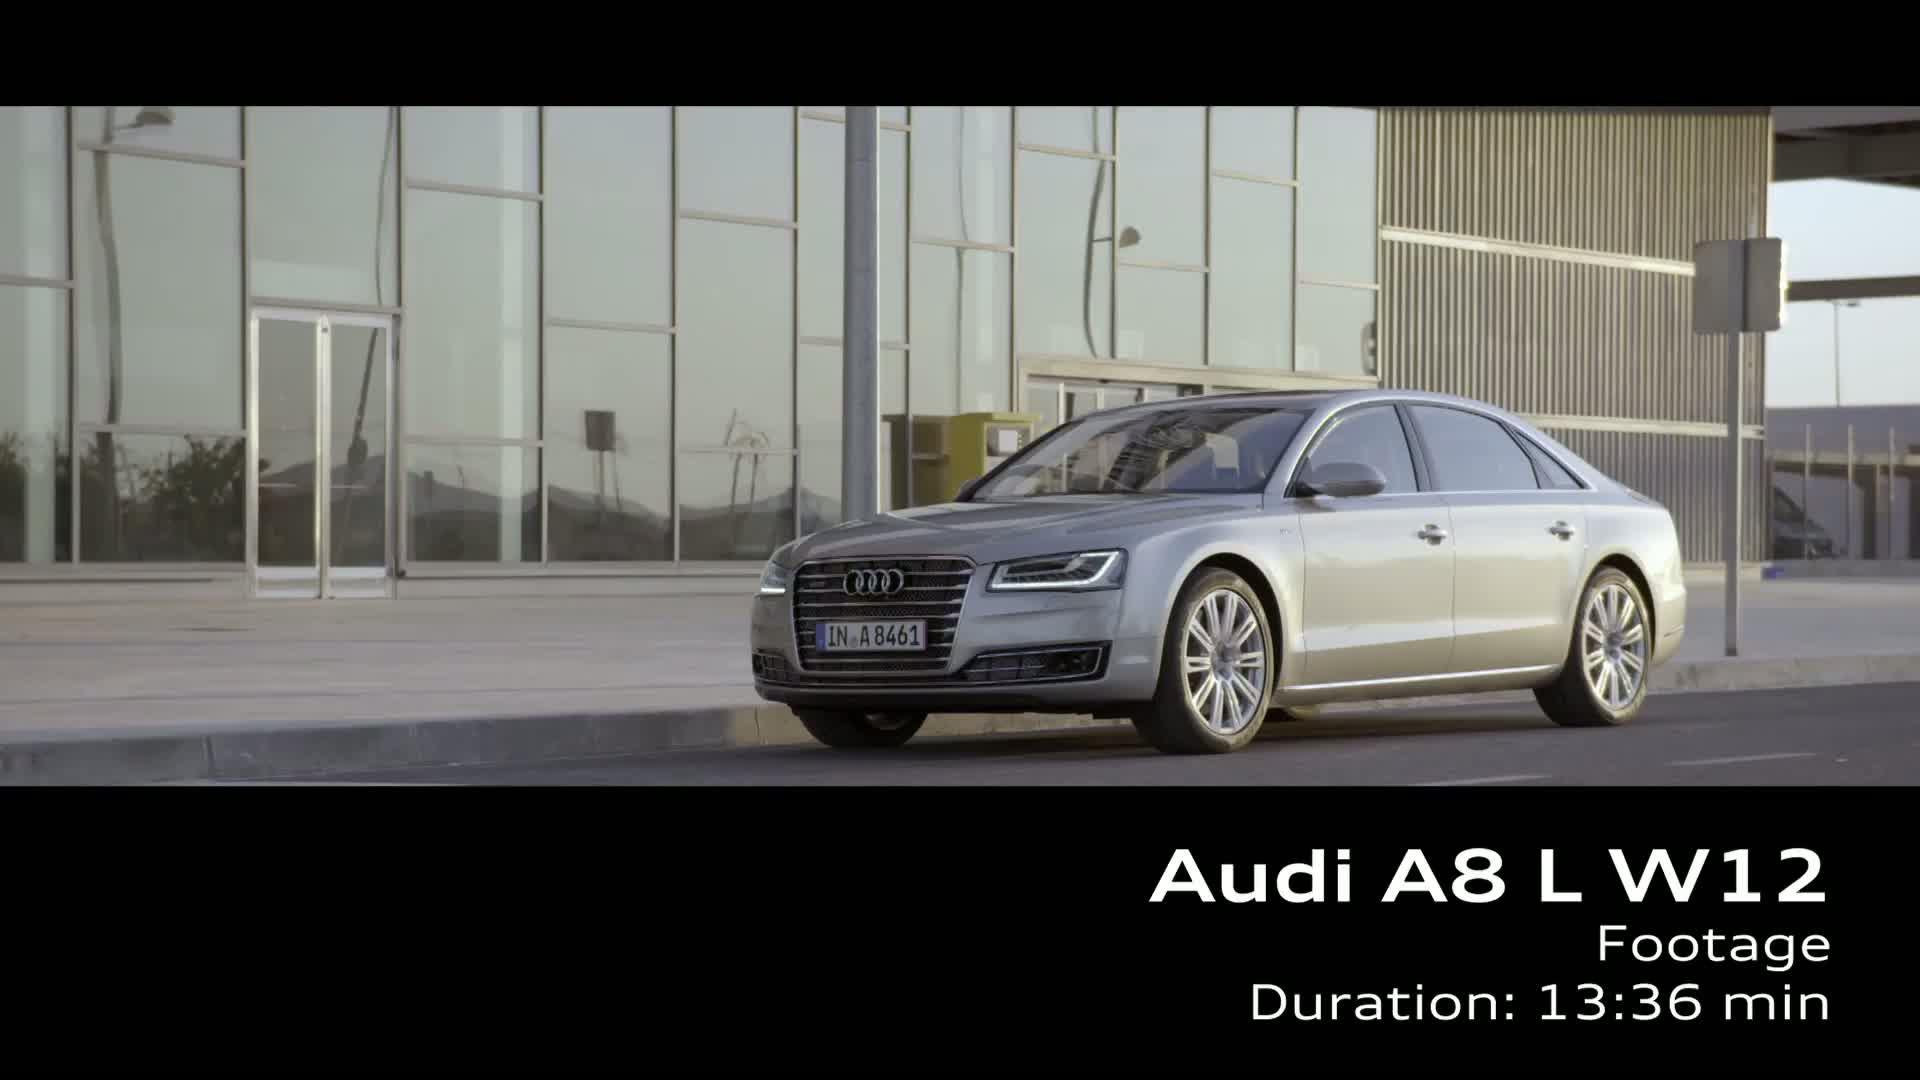 The Audi A8 L W12 - Footage